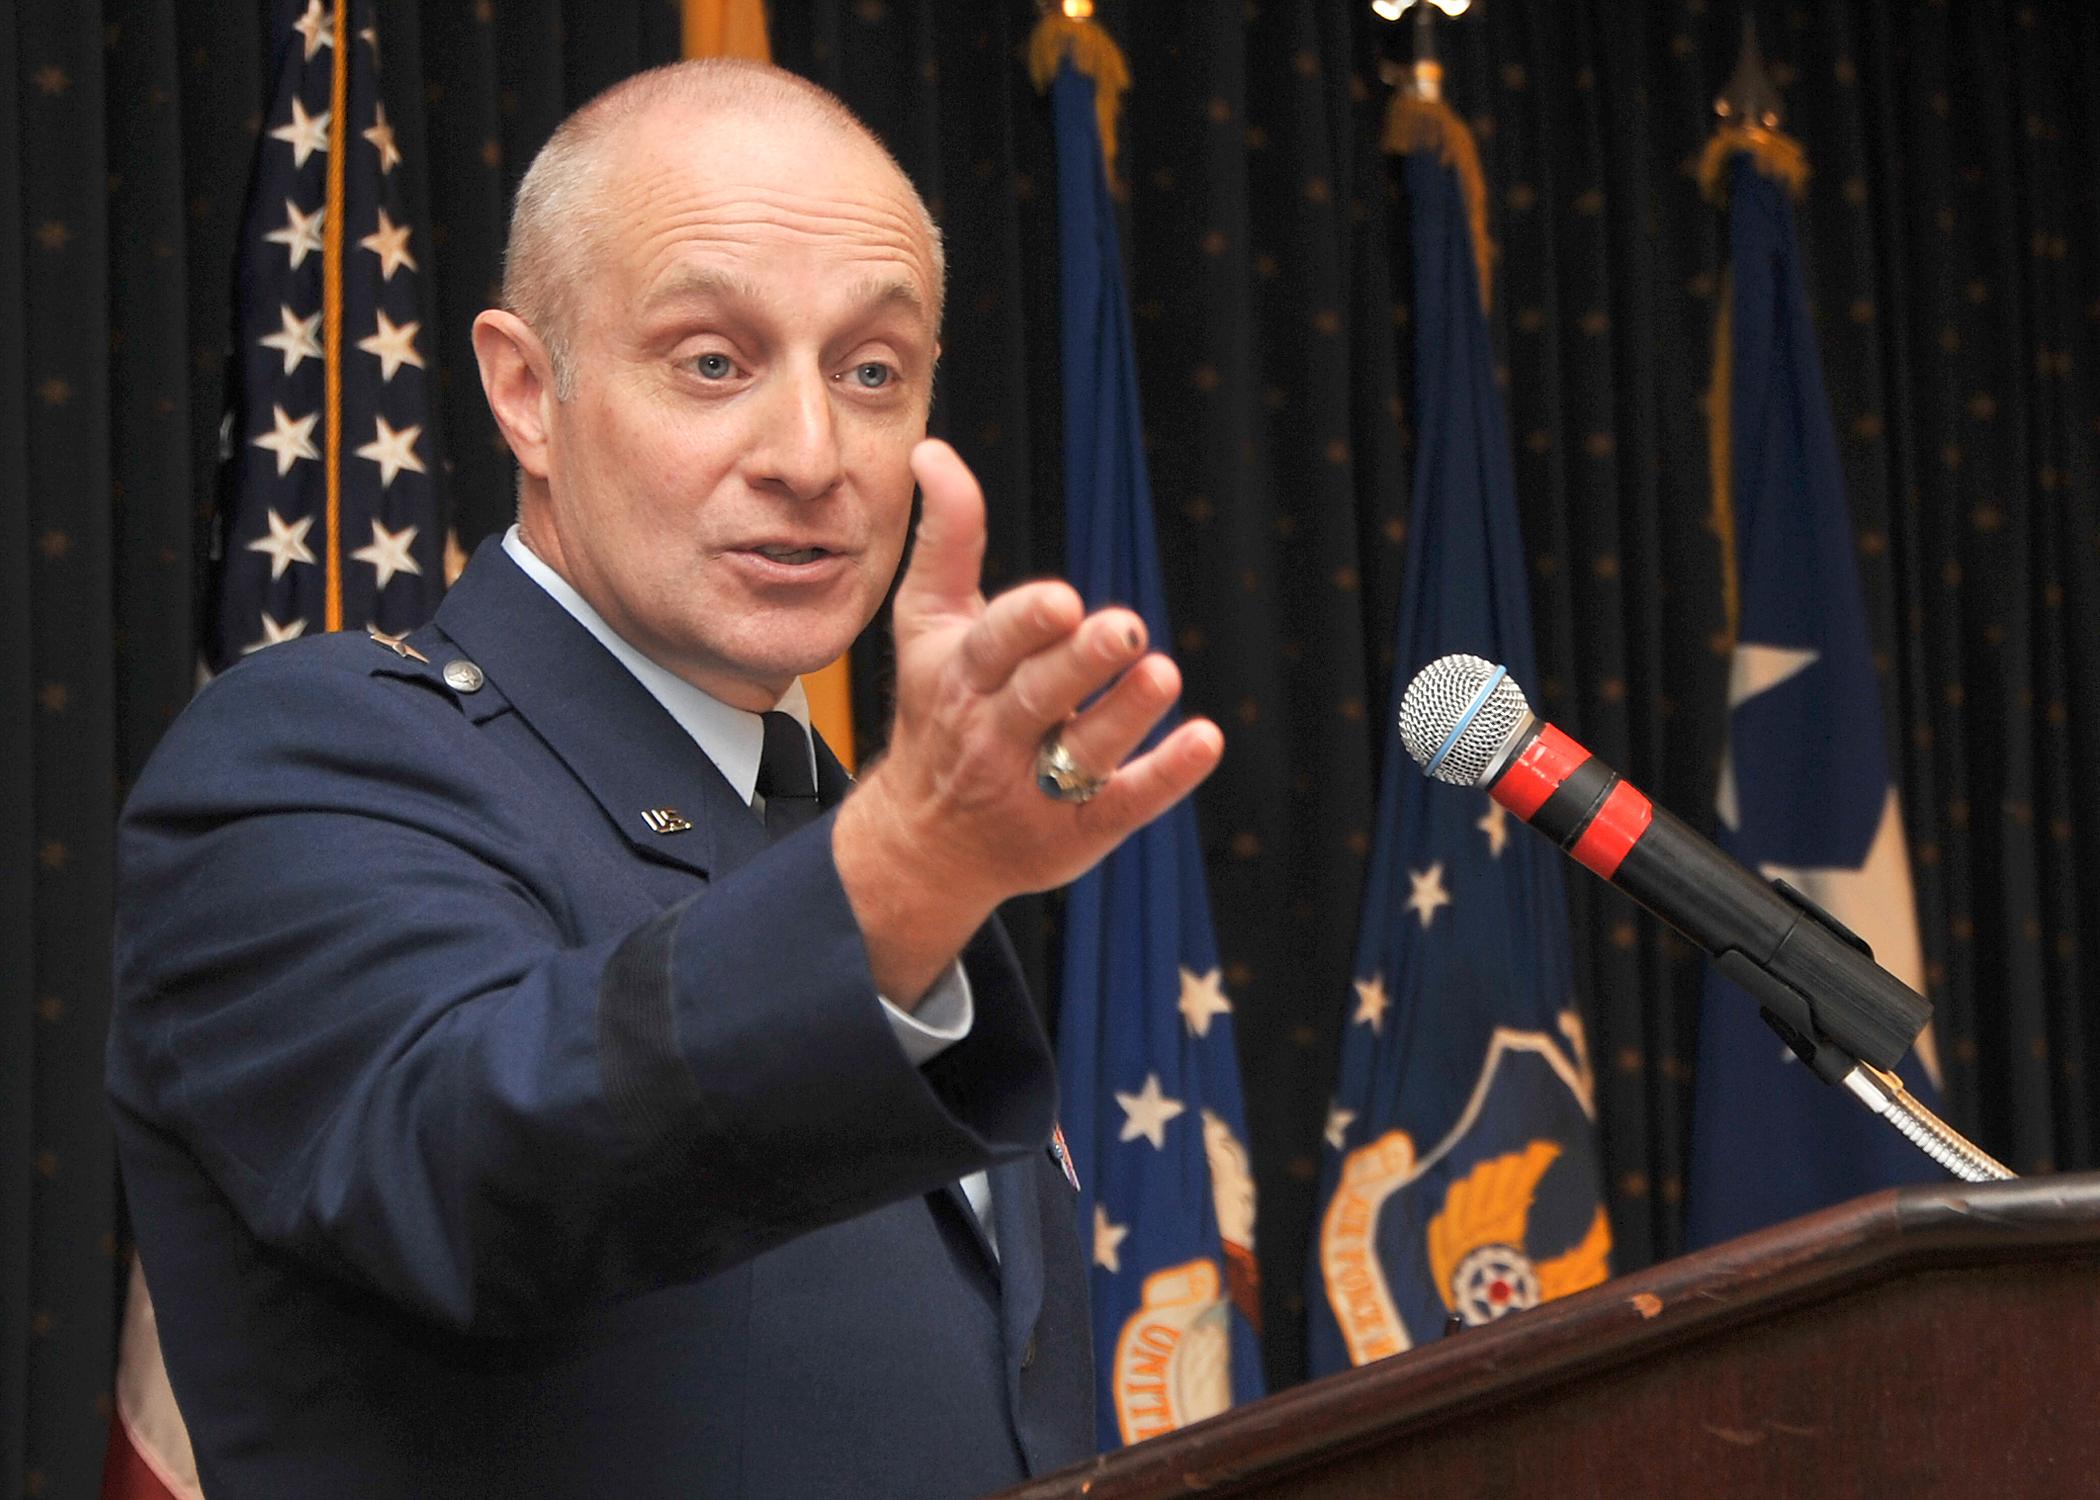 US Air Force Major General Harencak Speaking on Leadership